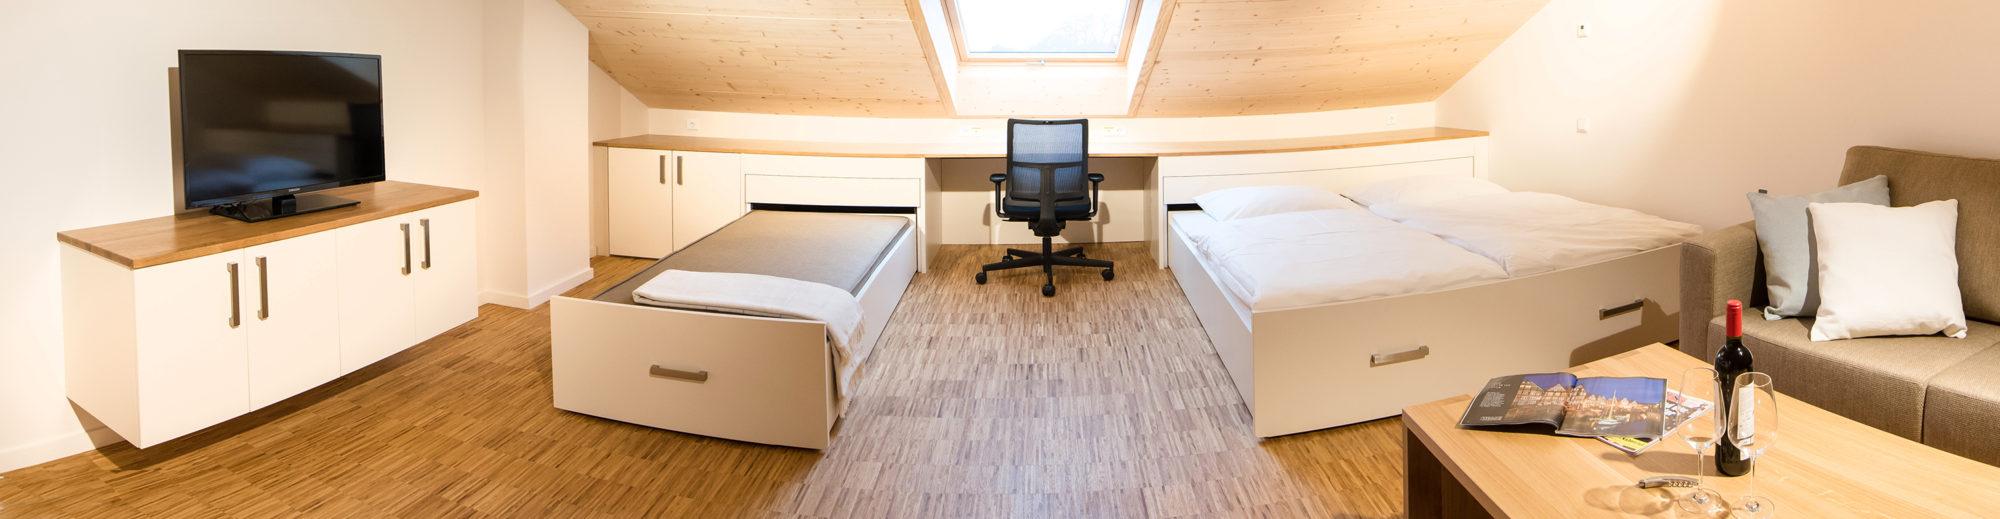 Maisonette-Apartment Innenansicht